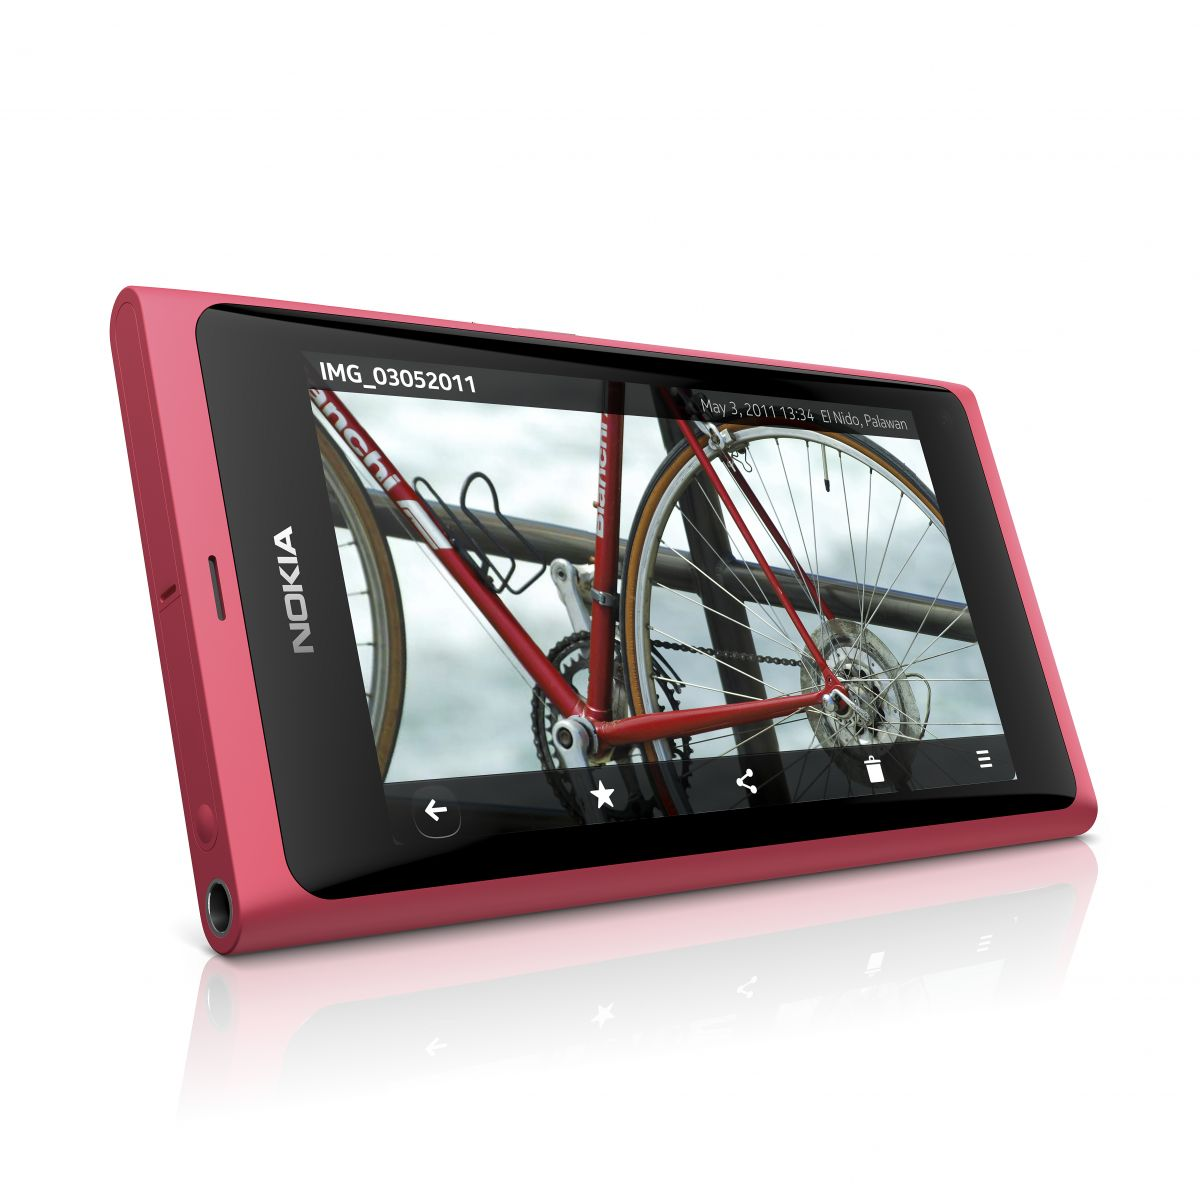 6c5951db8e7 Nokia y Claro Argentina presentan su colección magenta – infosertec